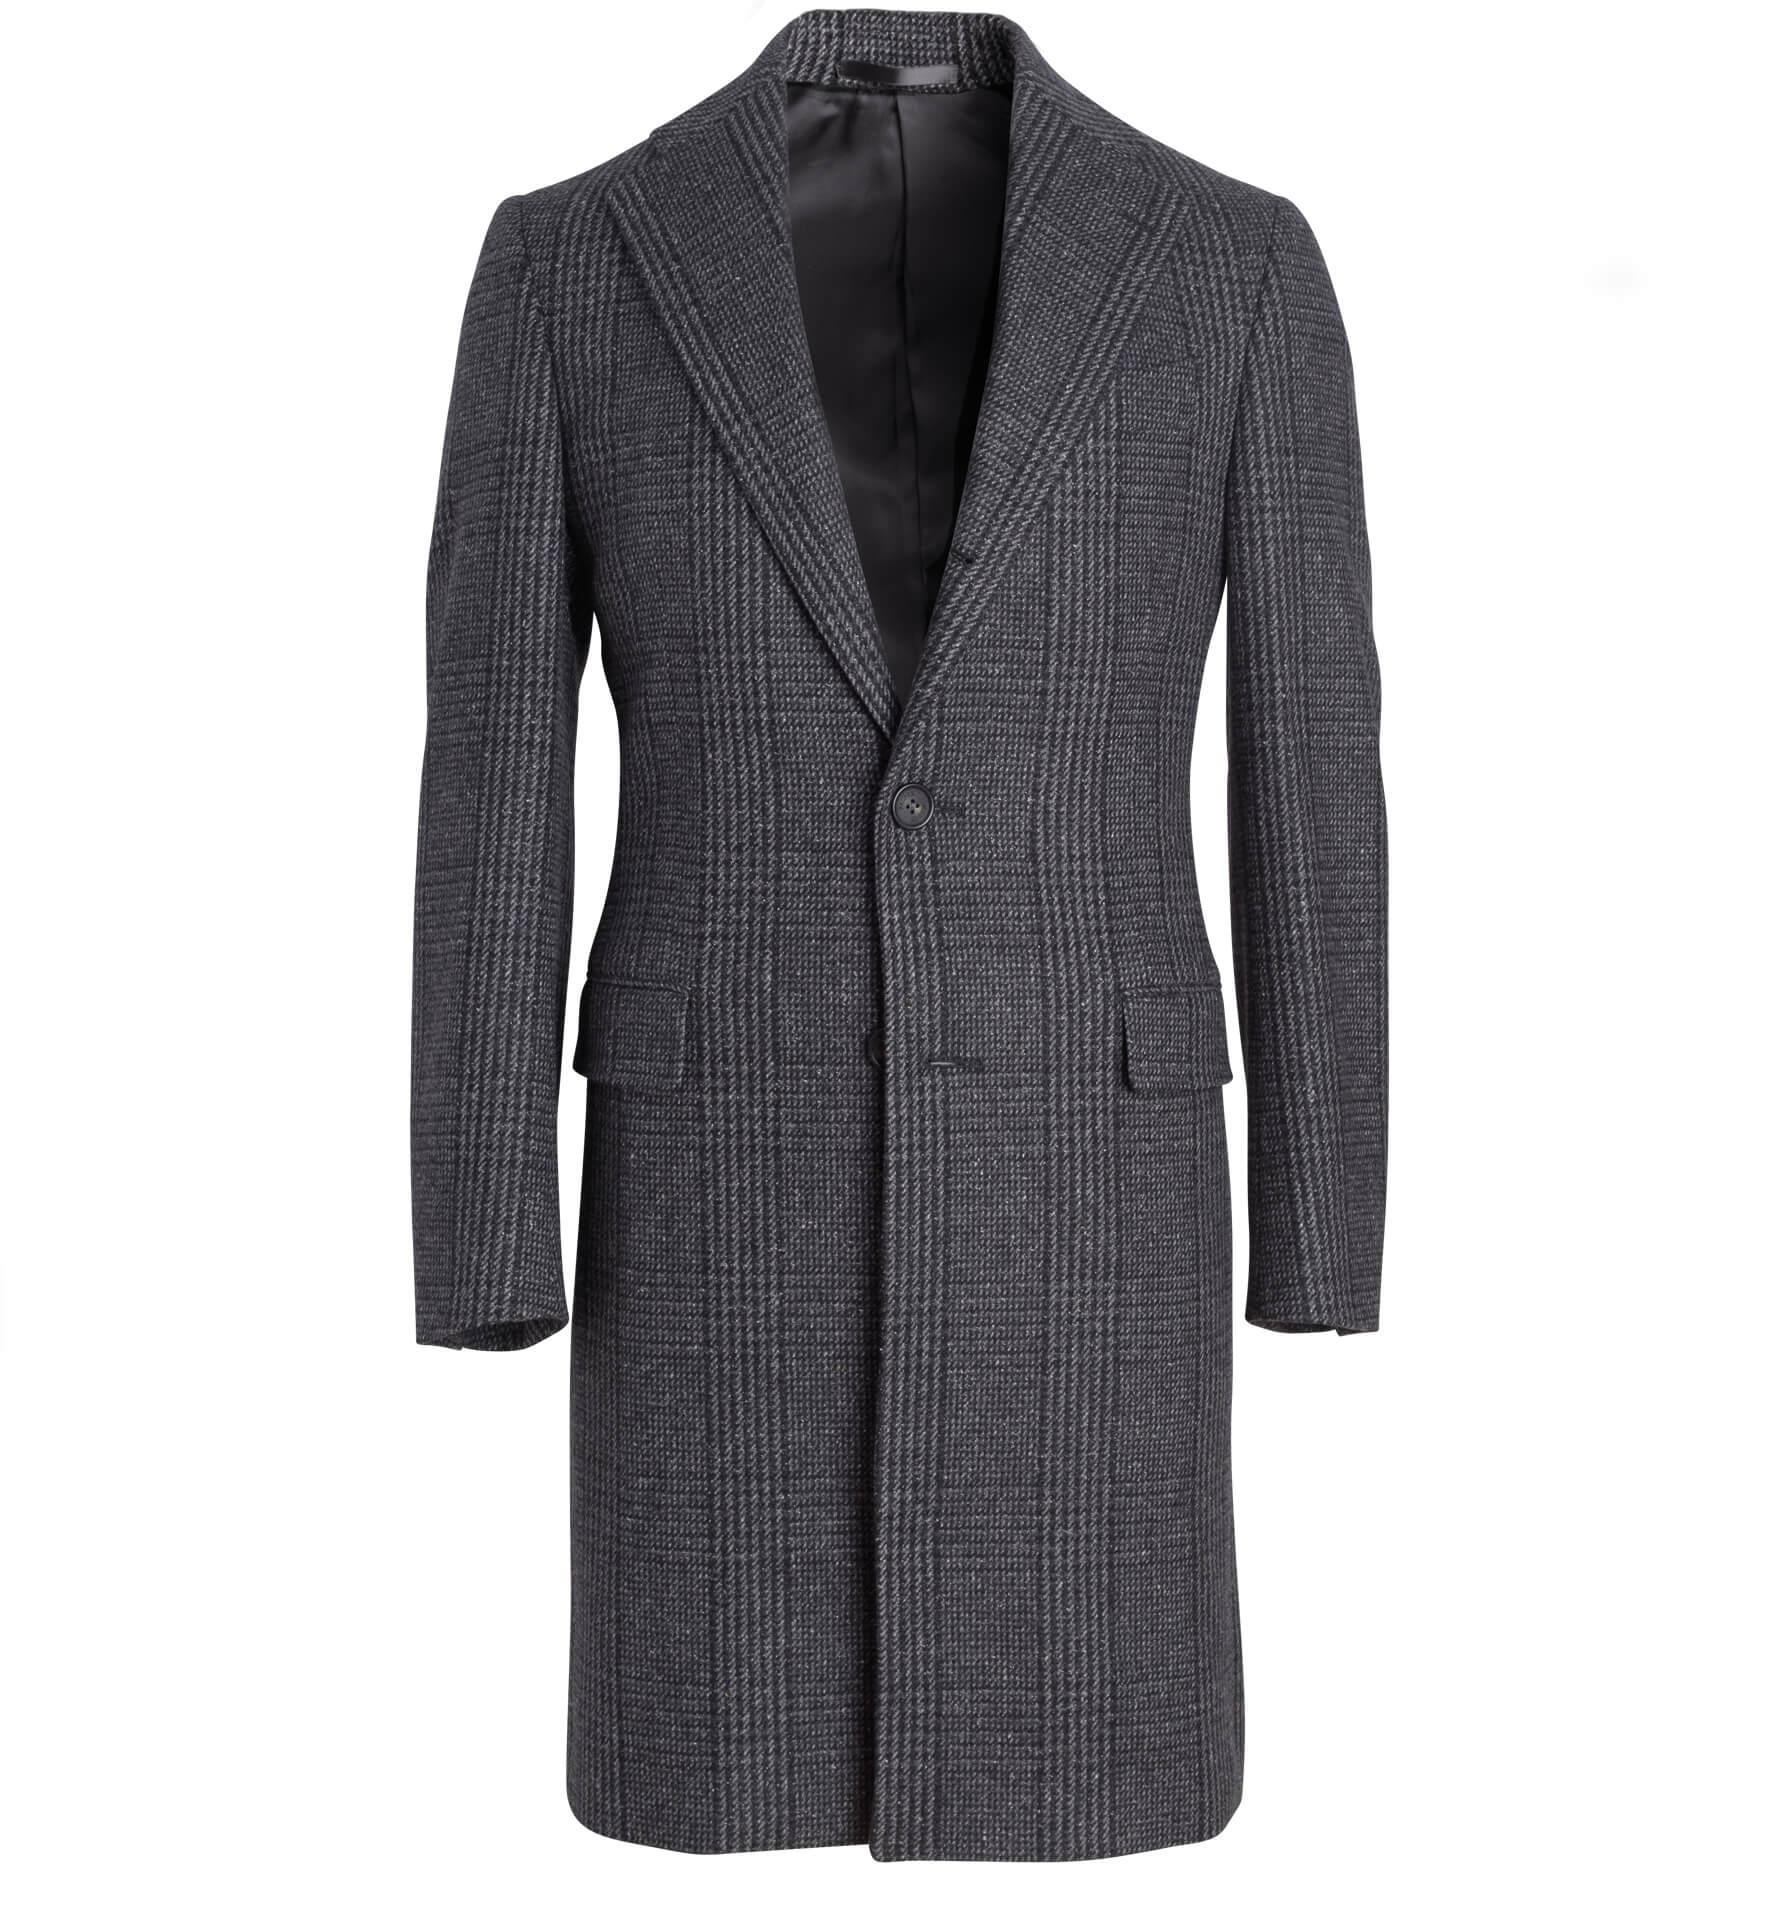 Zoom Image of Bleecker Grey Glen Plaid Coat